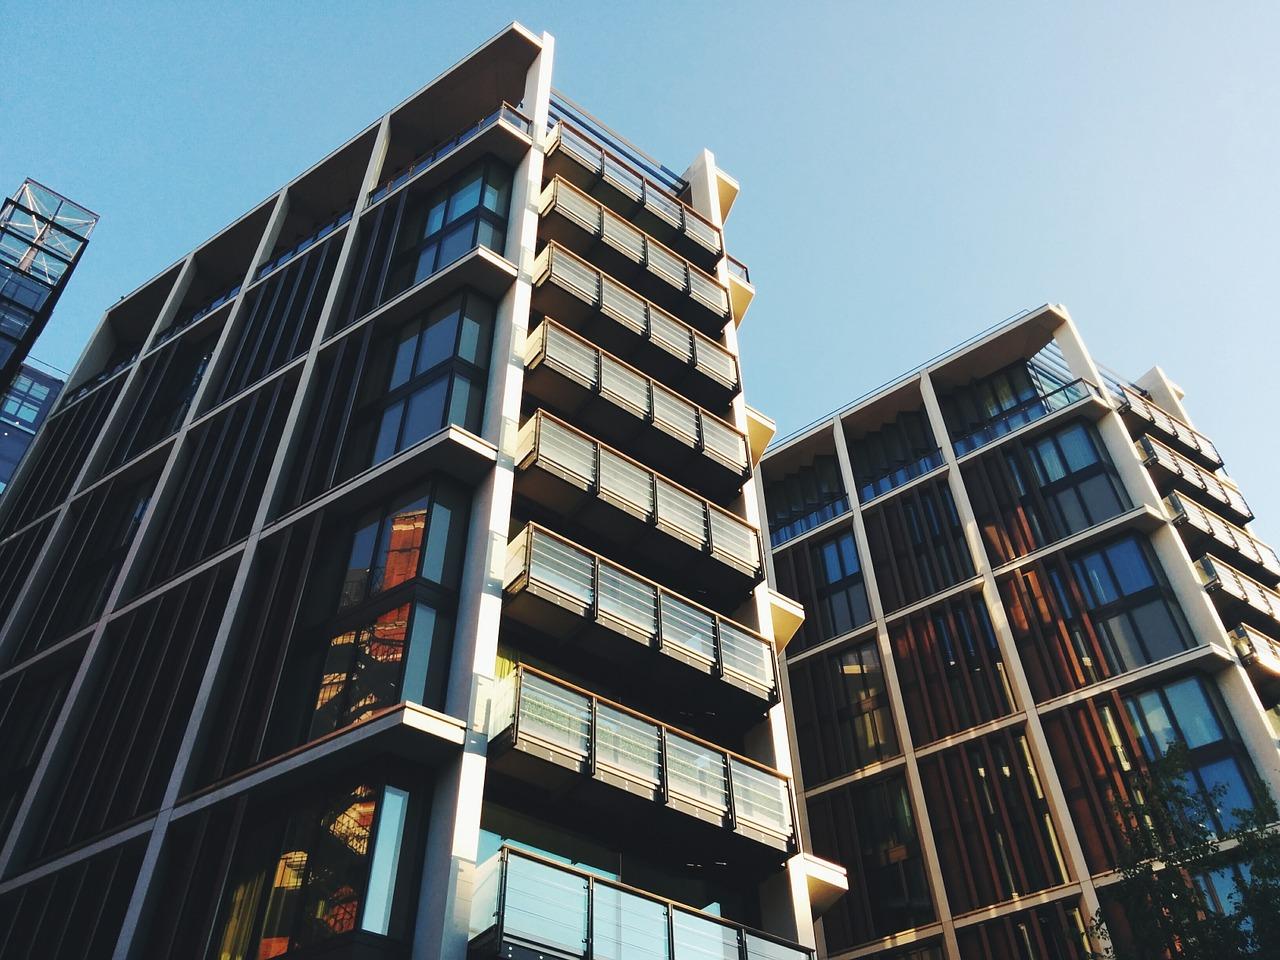 buildings-1245684_1280.jpg